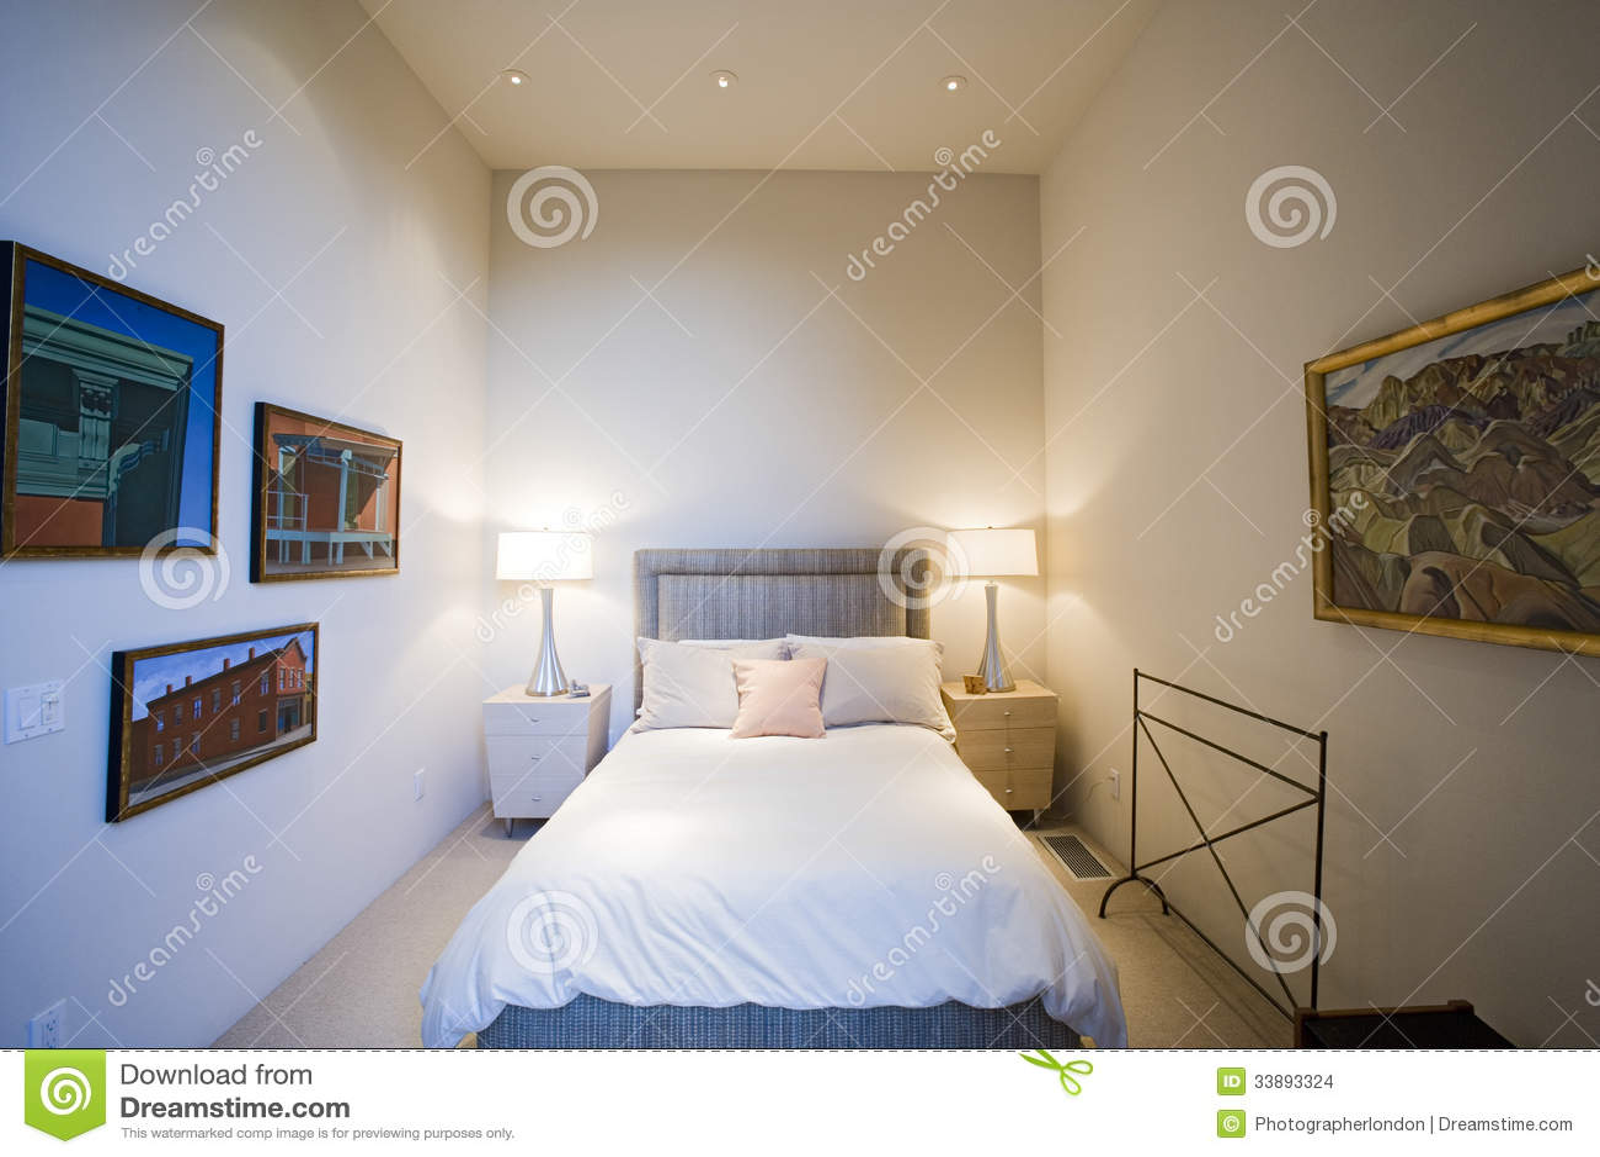 Lit-Lampen Durch Bett Mit Rahmen Auf Wand Im Schlafzimmer ...